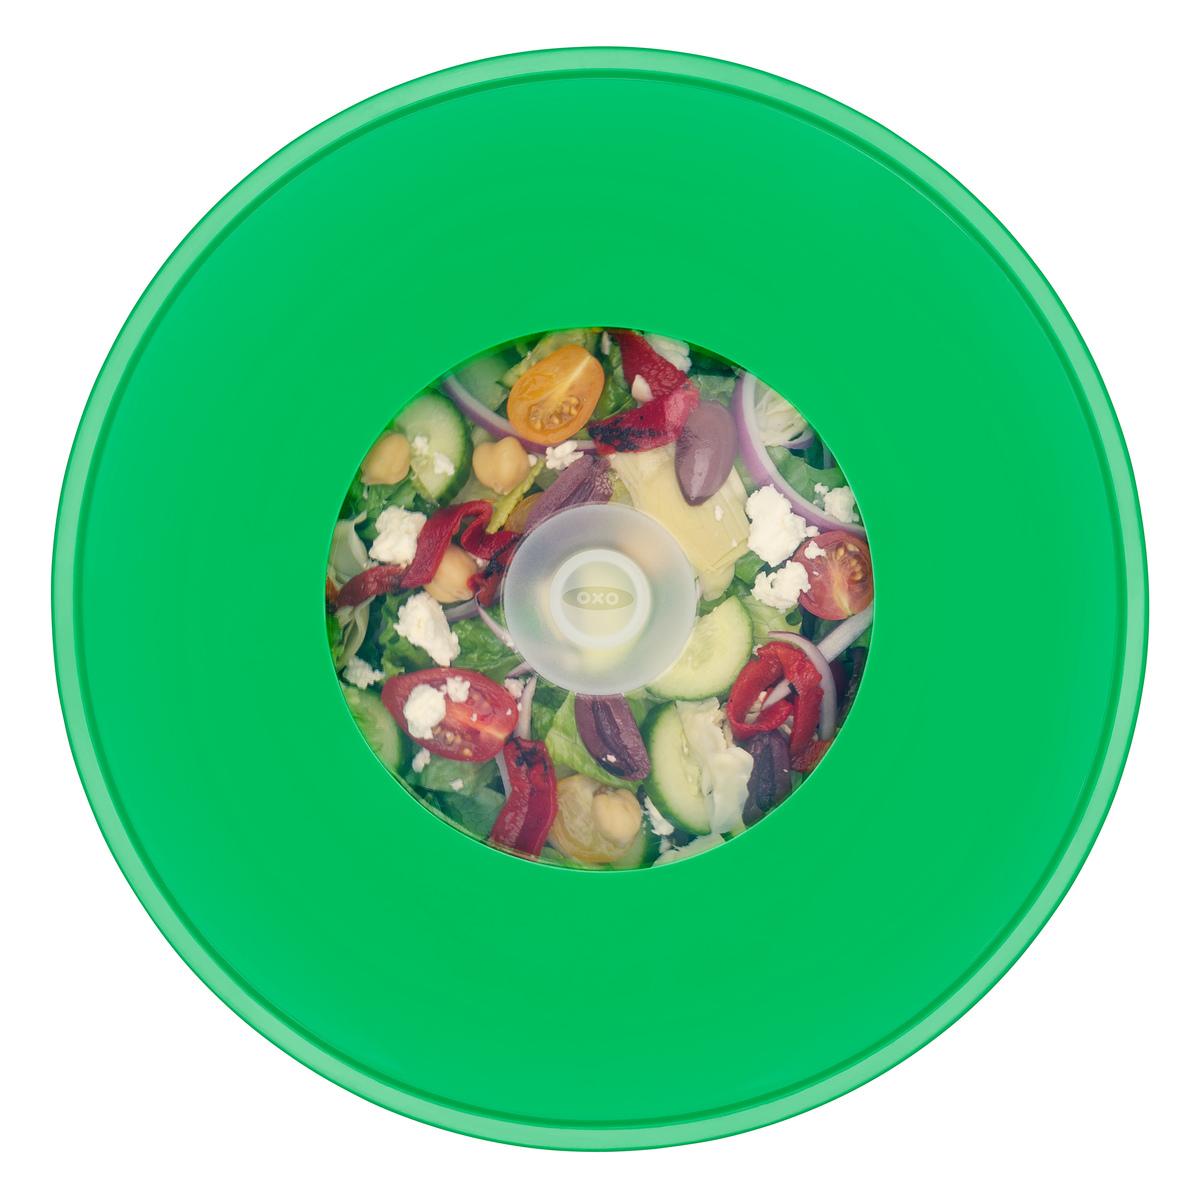 Крышка силиконовая большая OXO FOOD STORAGE, диаметр 28 см, зеленый OXO 11242500 фото 3